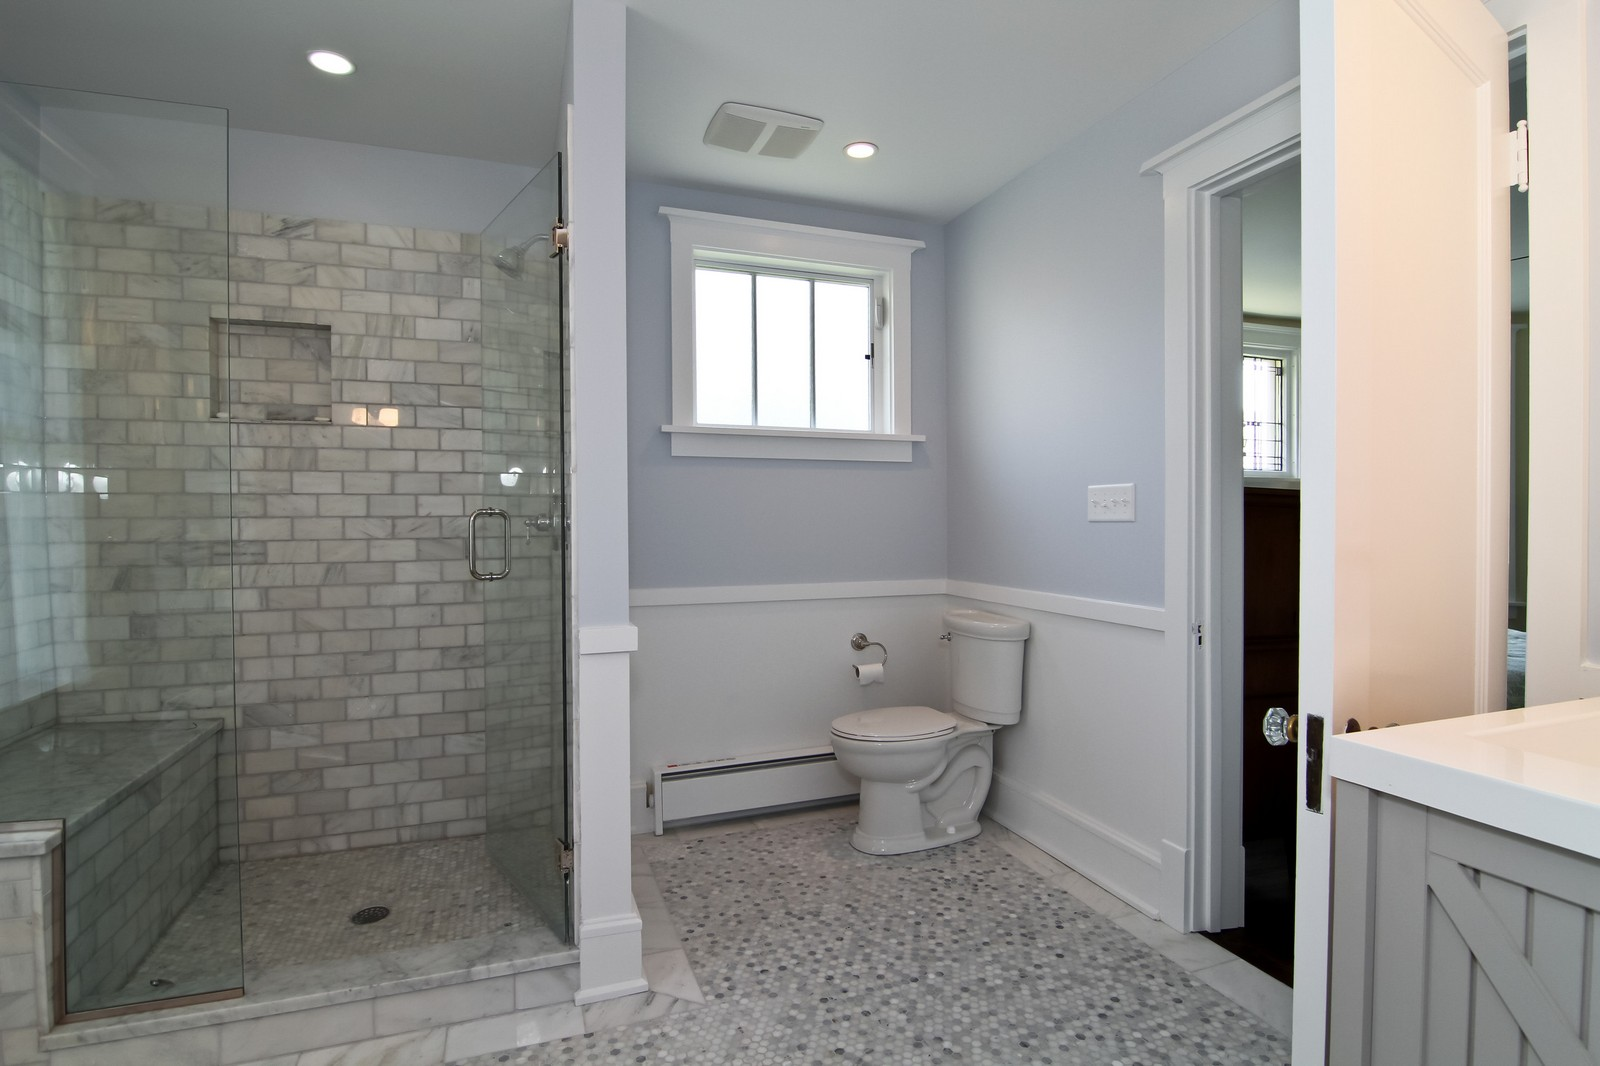 Real Estate Photography - 239 6th Avenue, La Grange, IL, 60525 - Master Bathroom